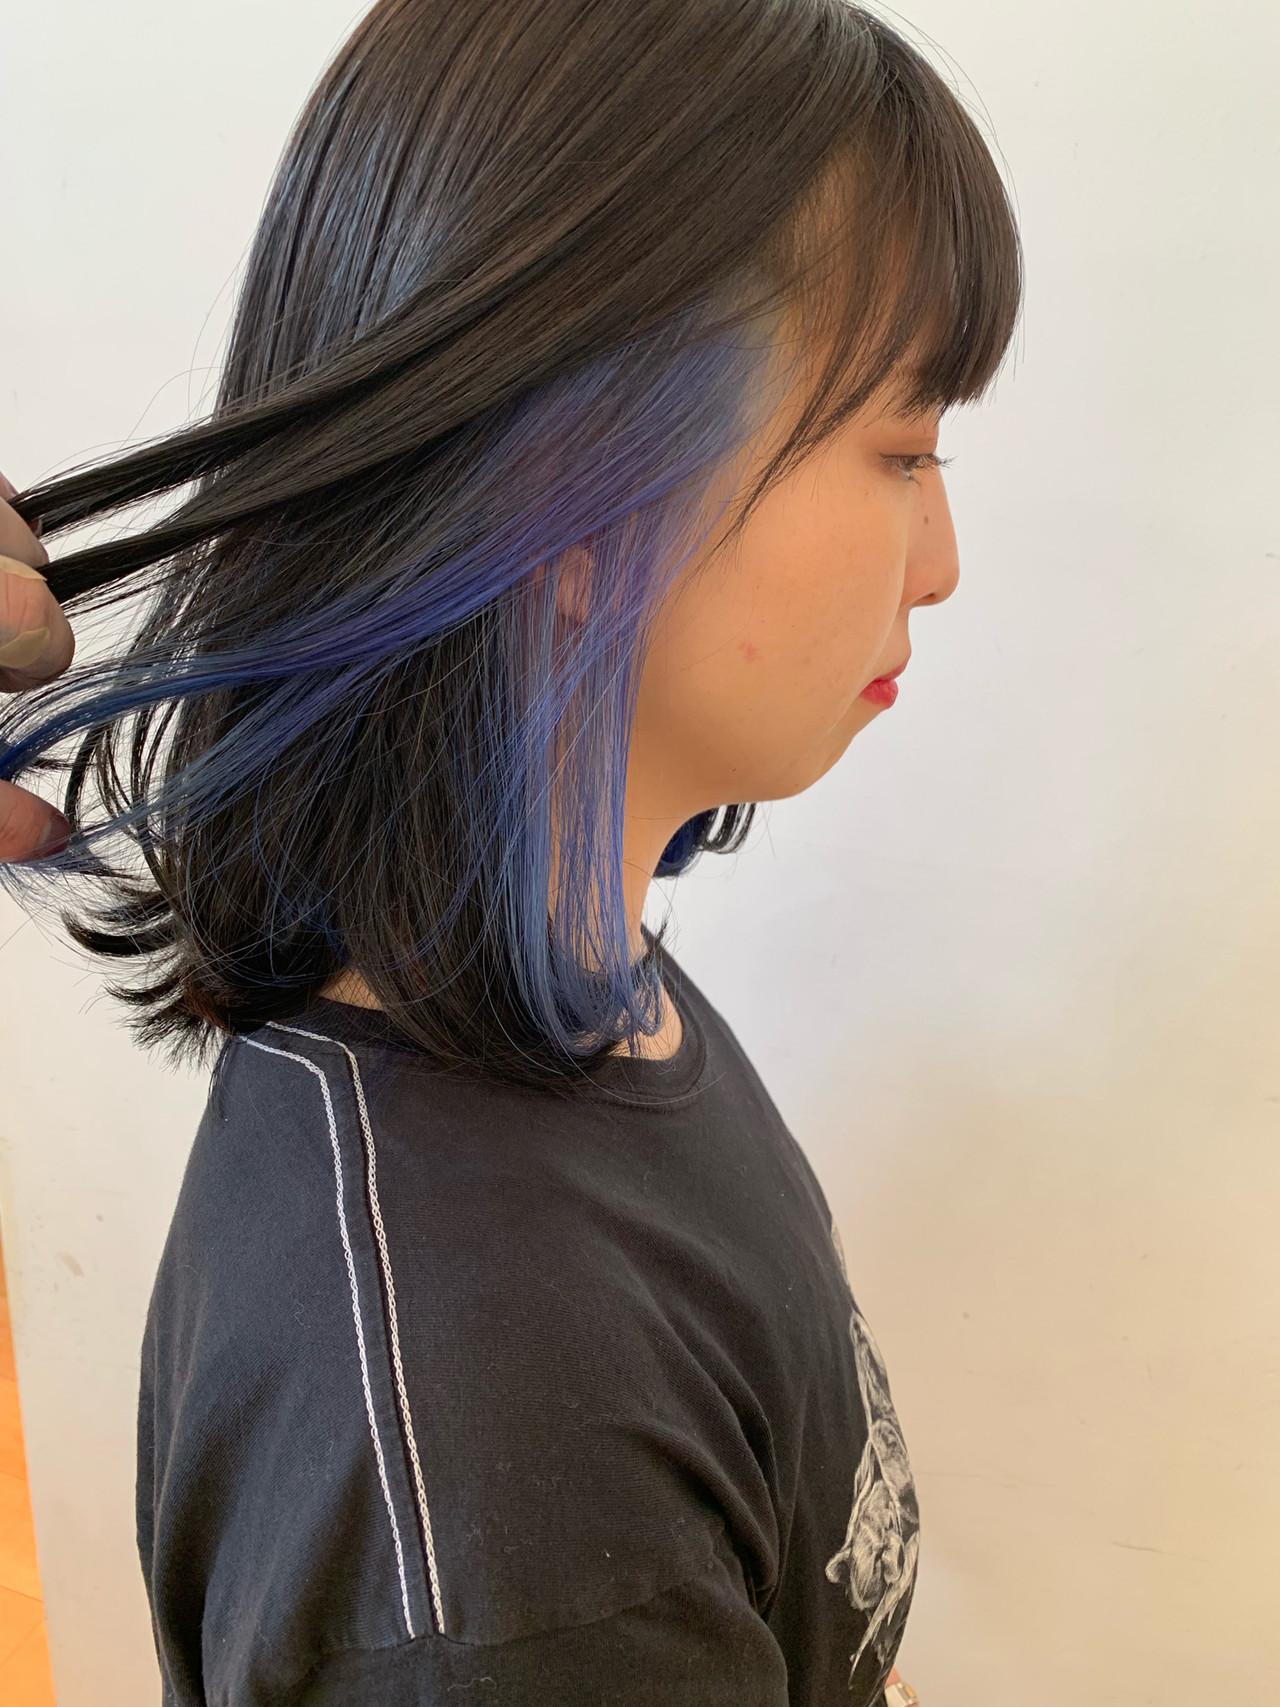 ハイトーン ハイトーンボブ ストリート 簡単ヘアアレンジ ヘアスタイルや髪型の写真・画像